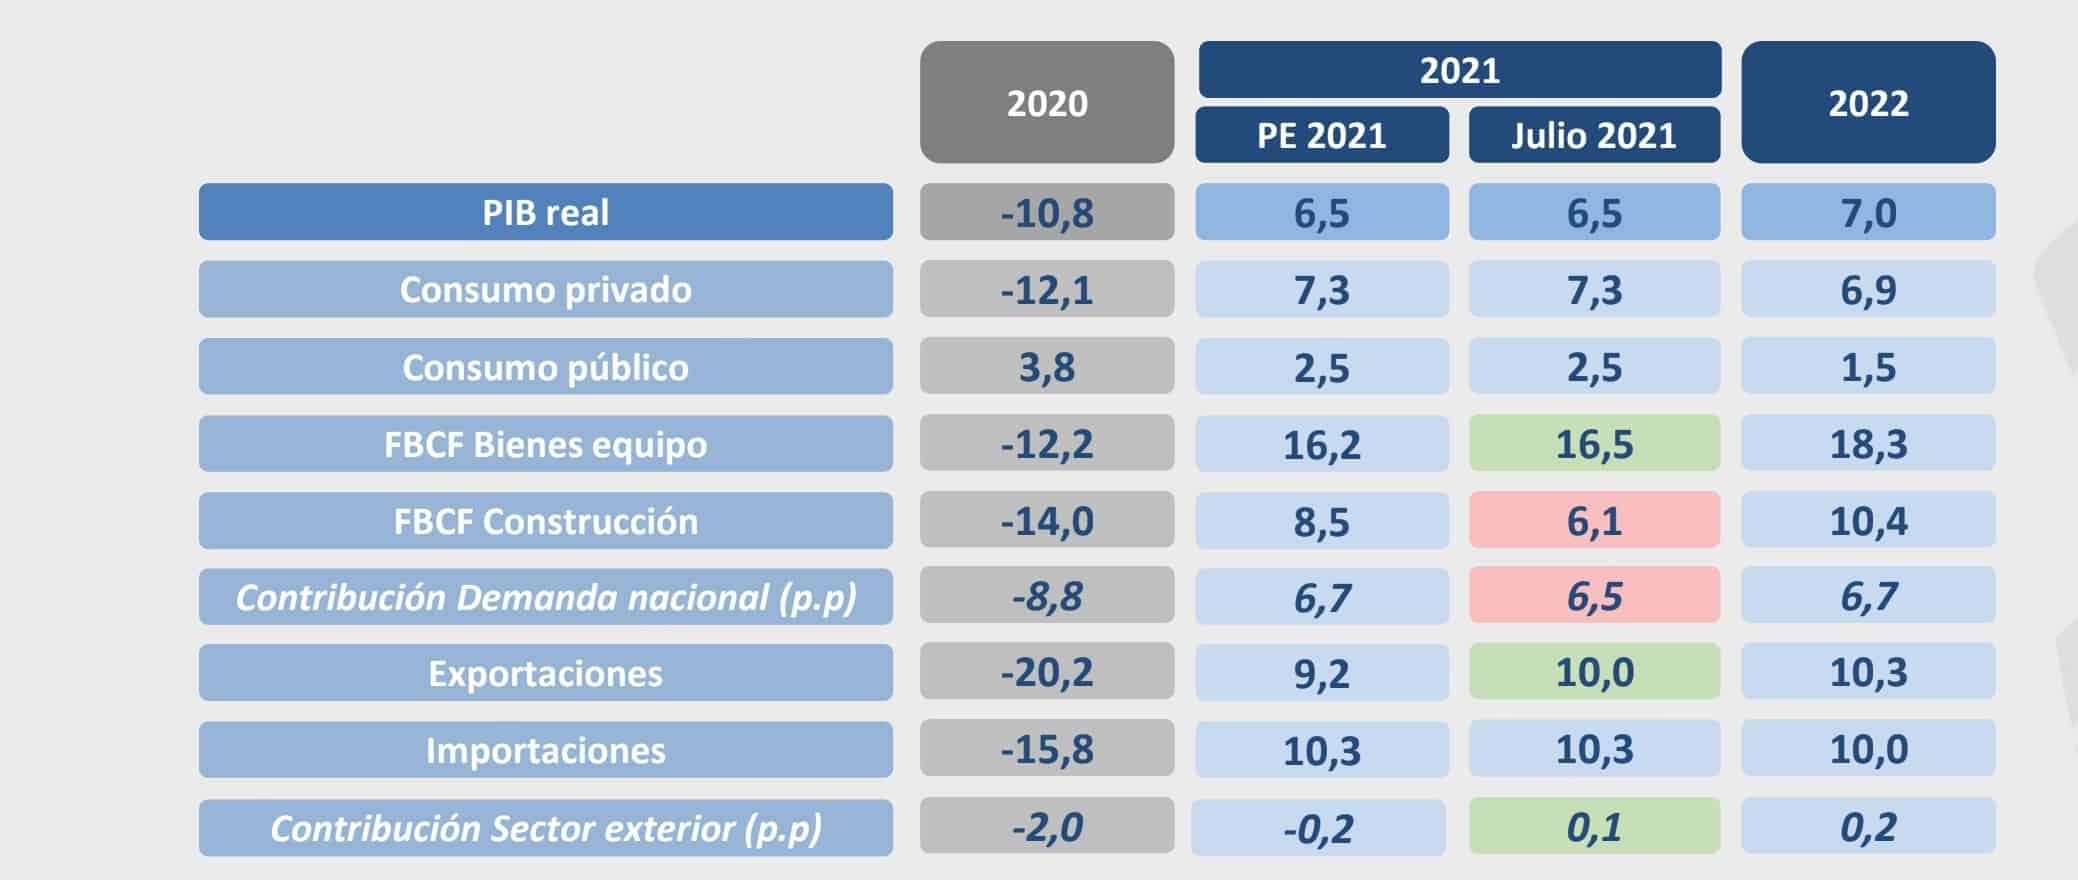 España - Empleo Público 2022 - 3